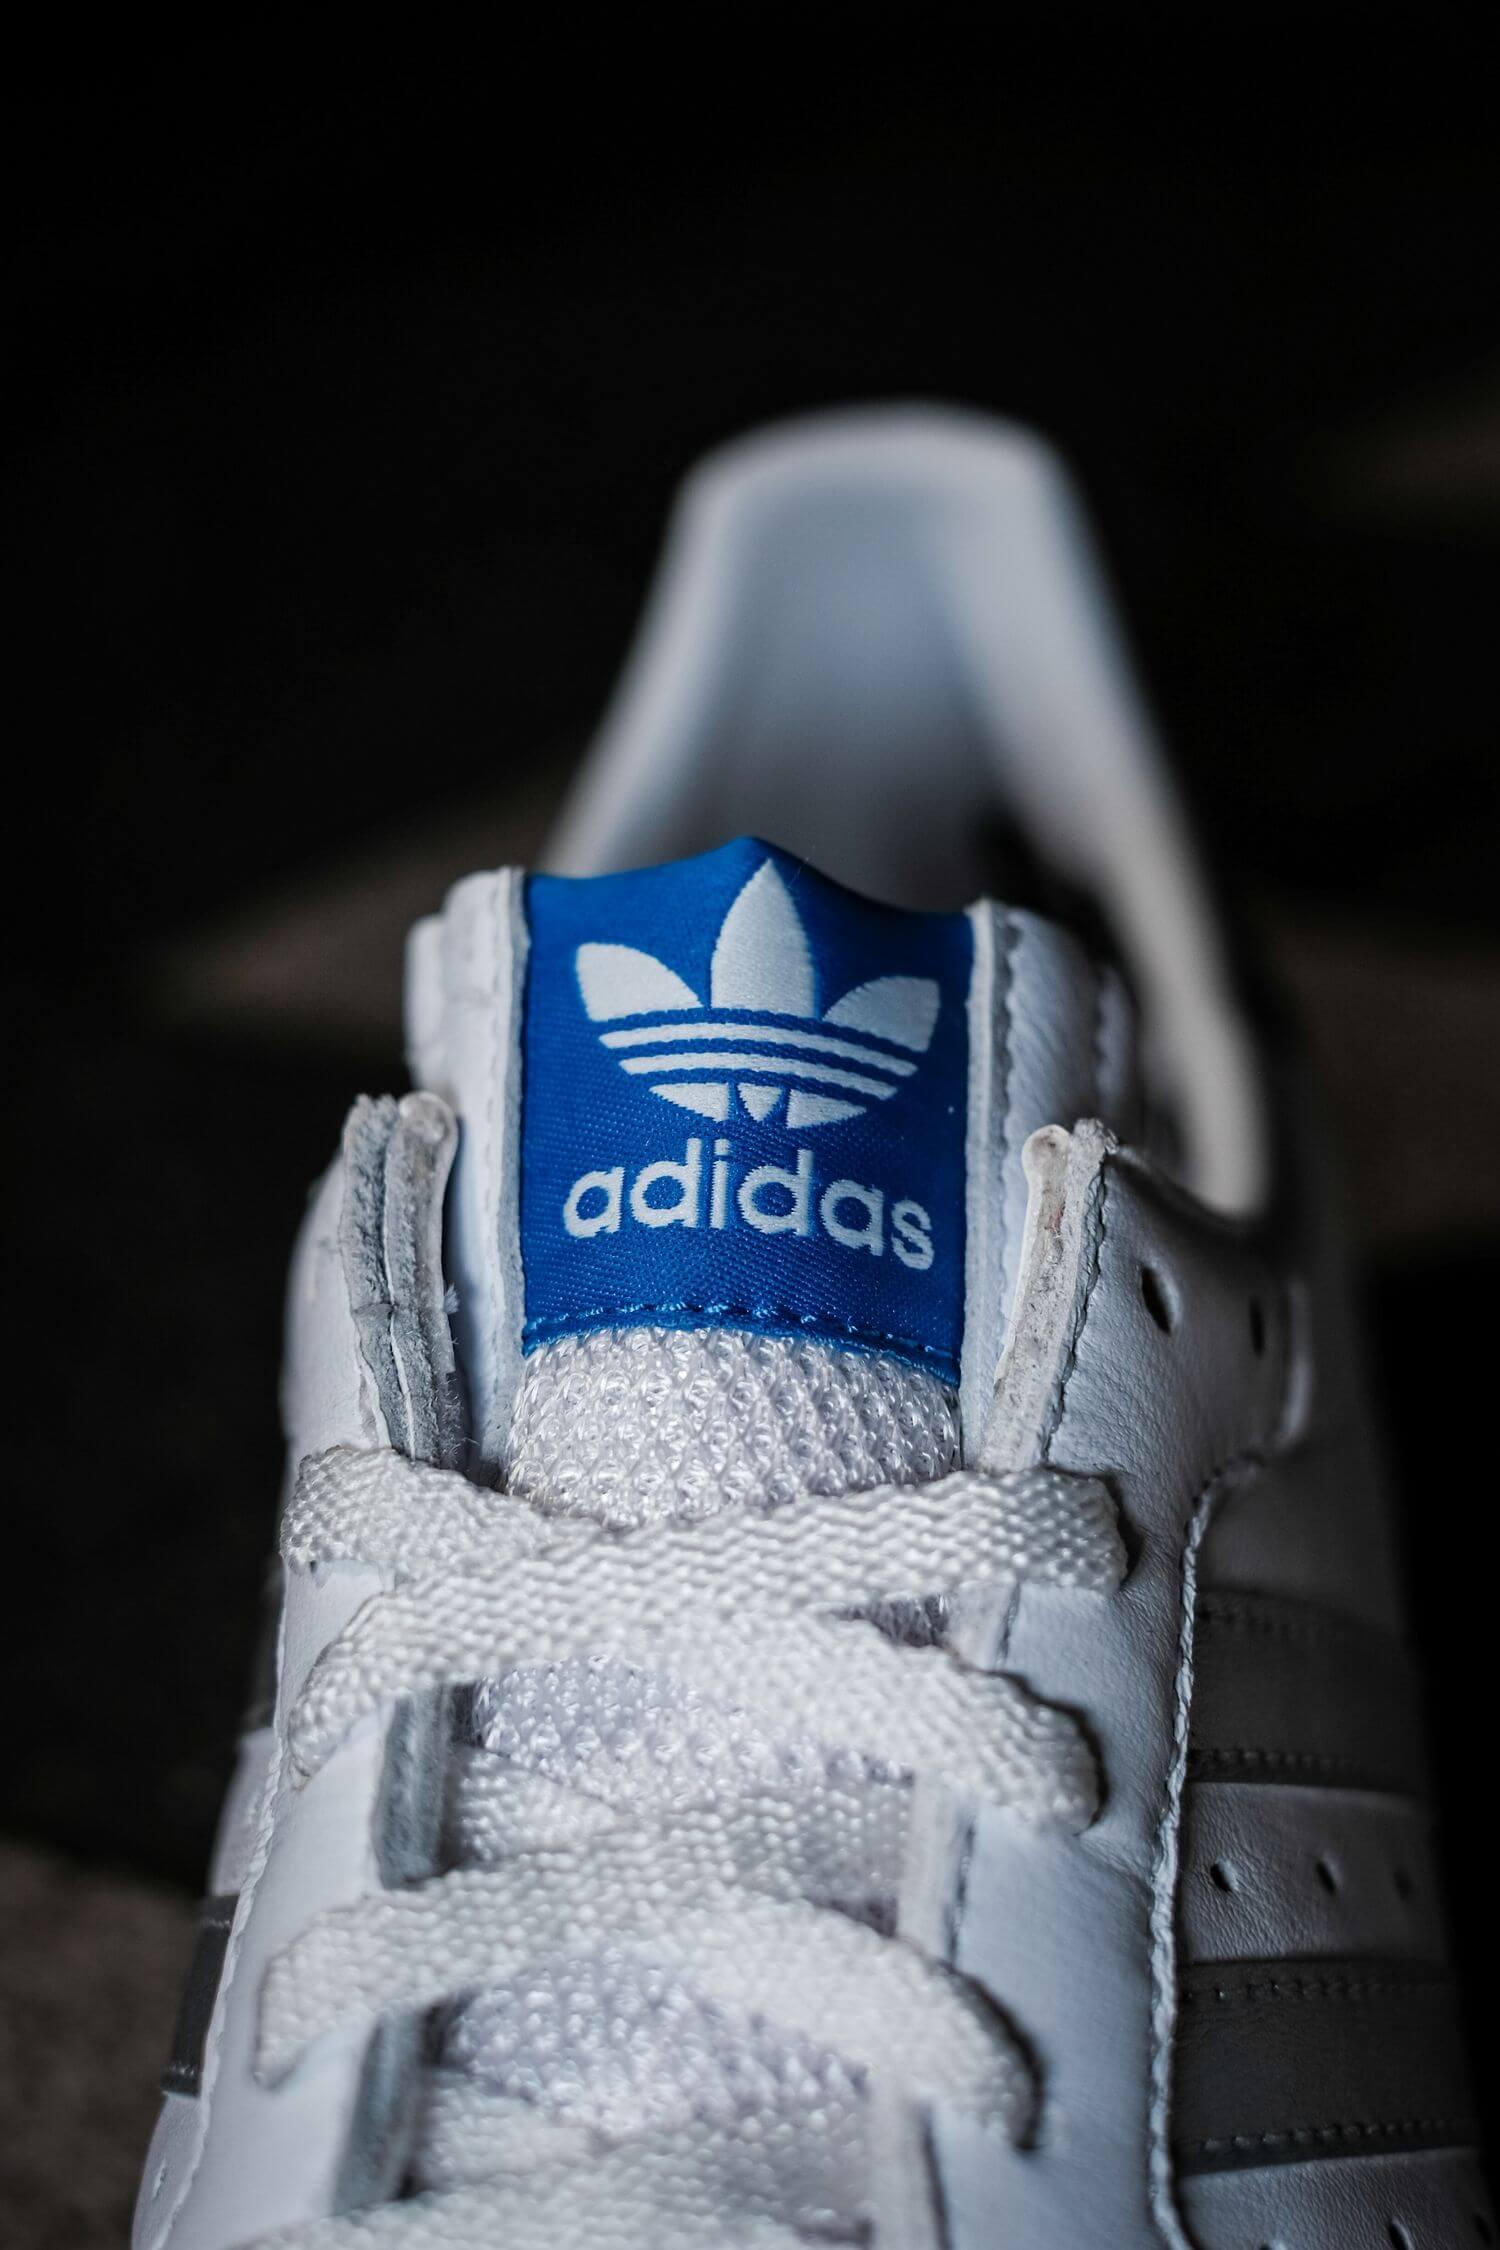 details der zunge - adidas - G.S. - cloud white/silver metallic/wonder white- H01818